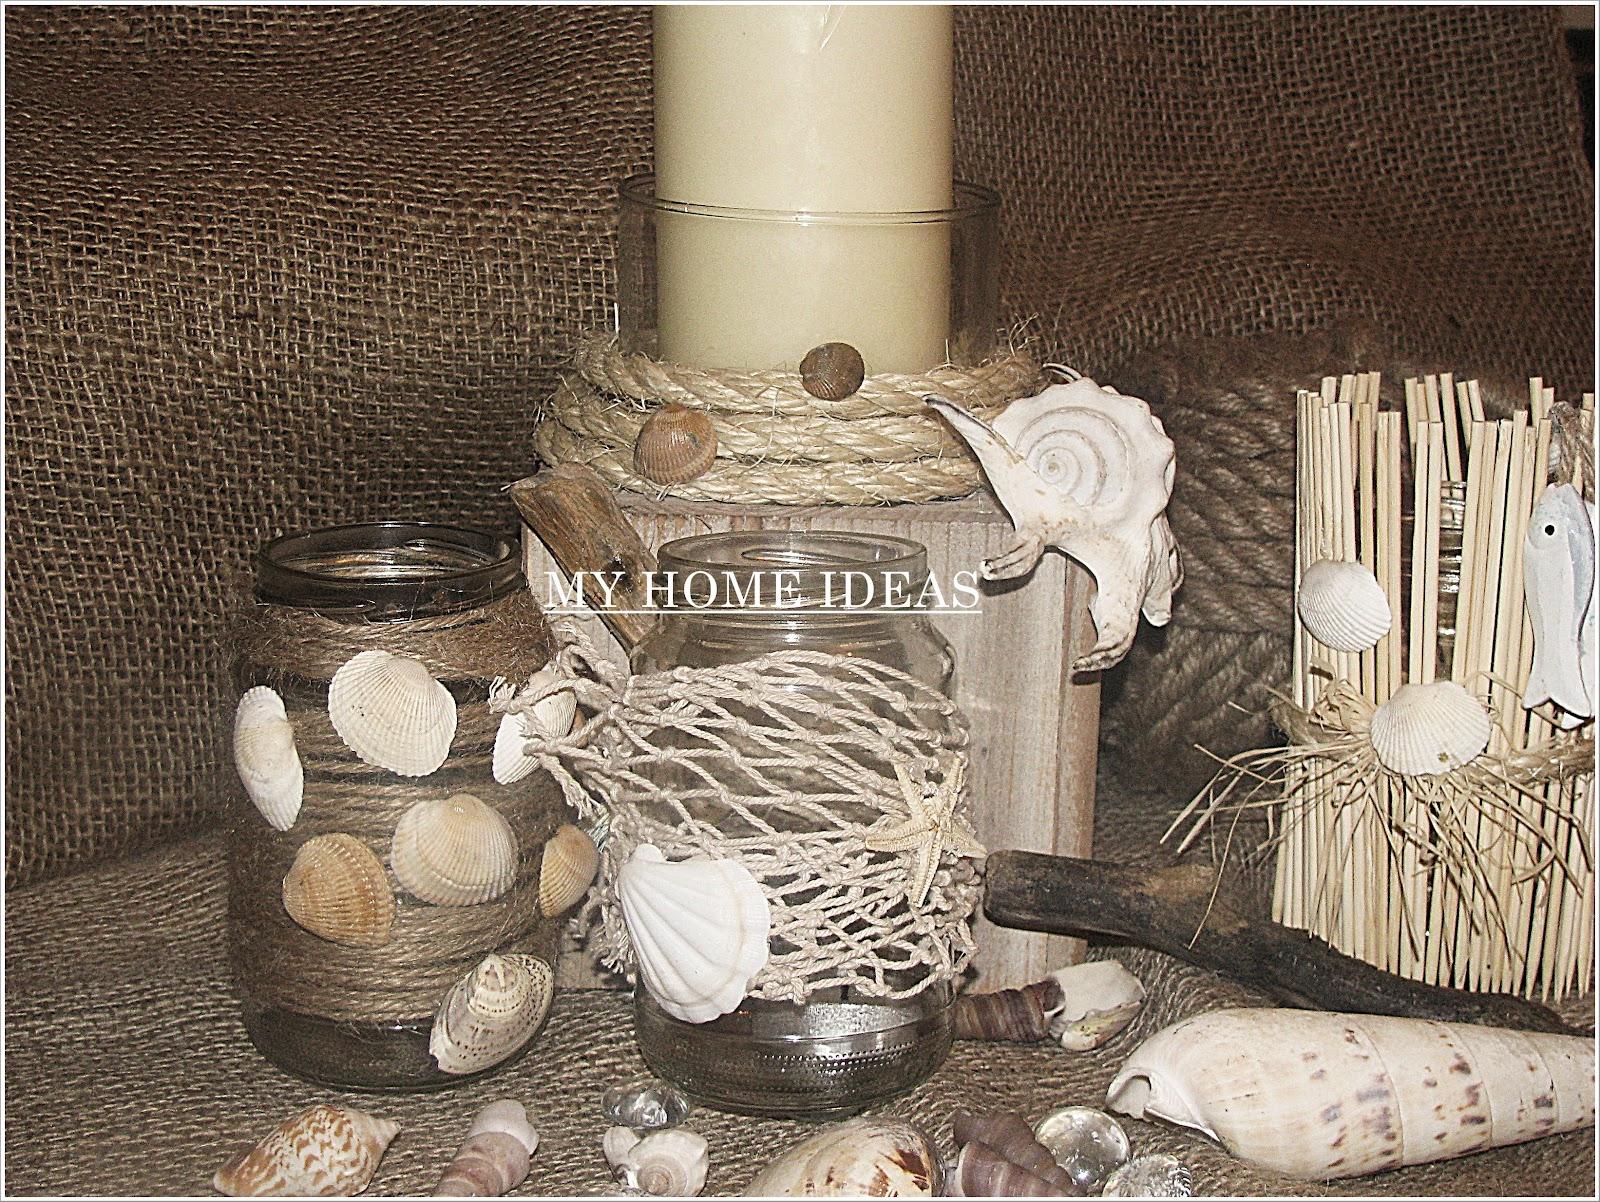 My home ideas dekoracje marynistyczne z serii zrob to sam Home sklep